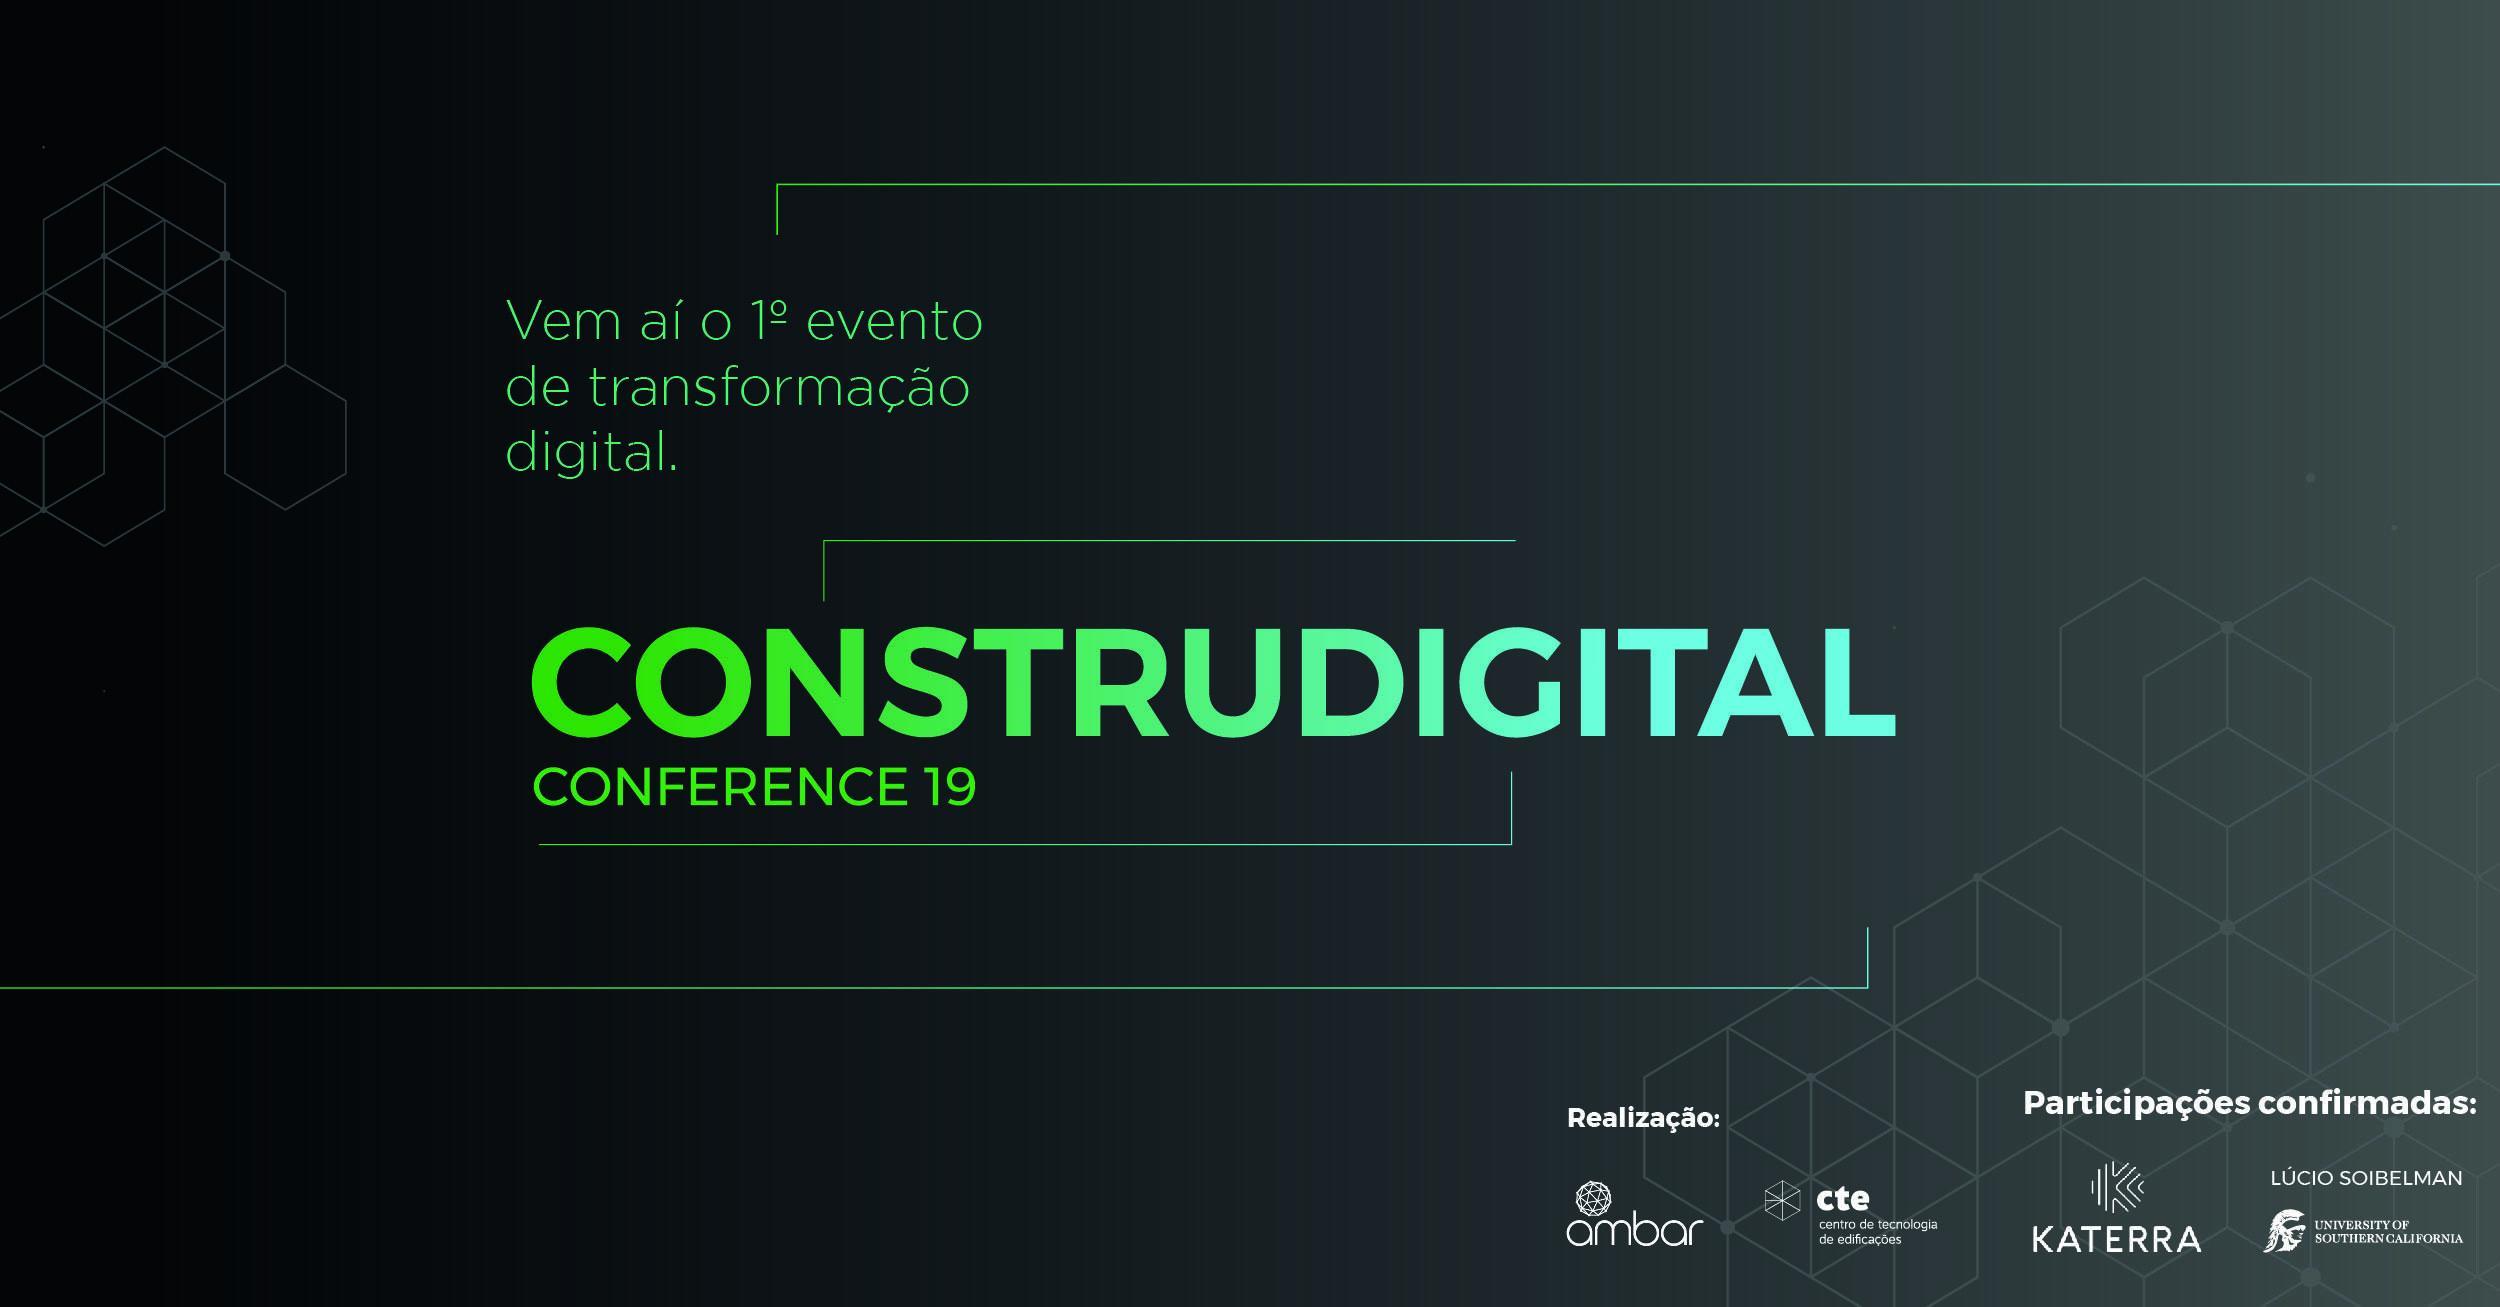 Prepare-se! Vem aí o primeiro evento sobre transformação digital na Construção